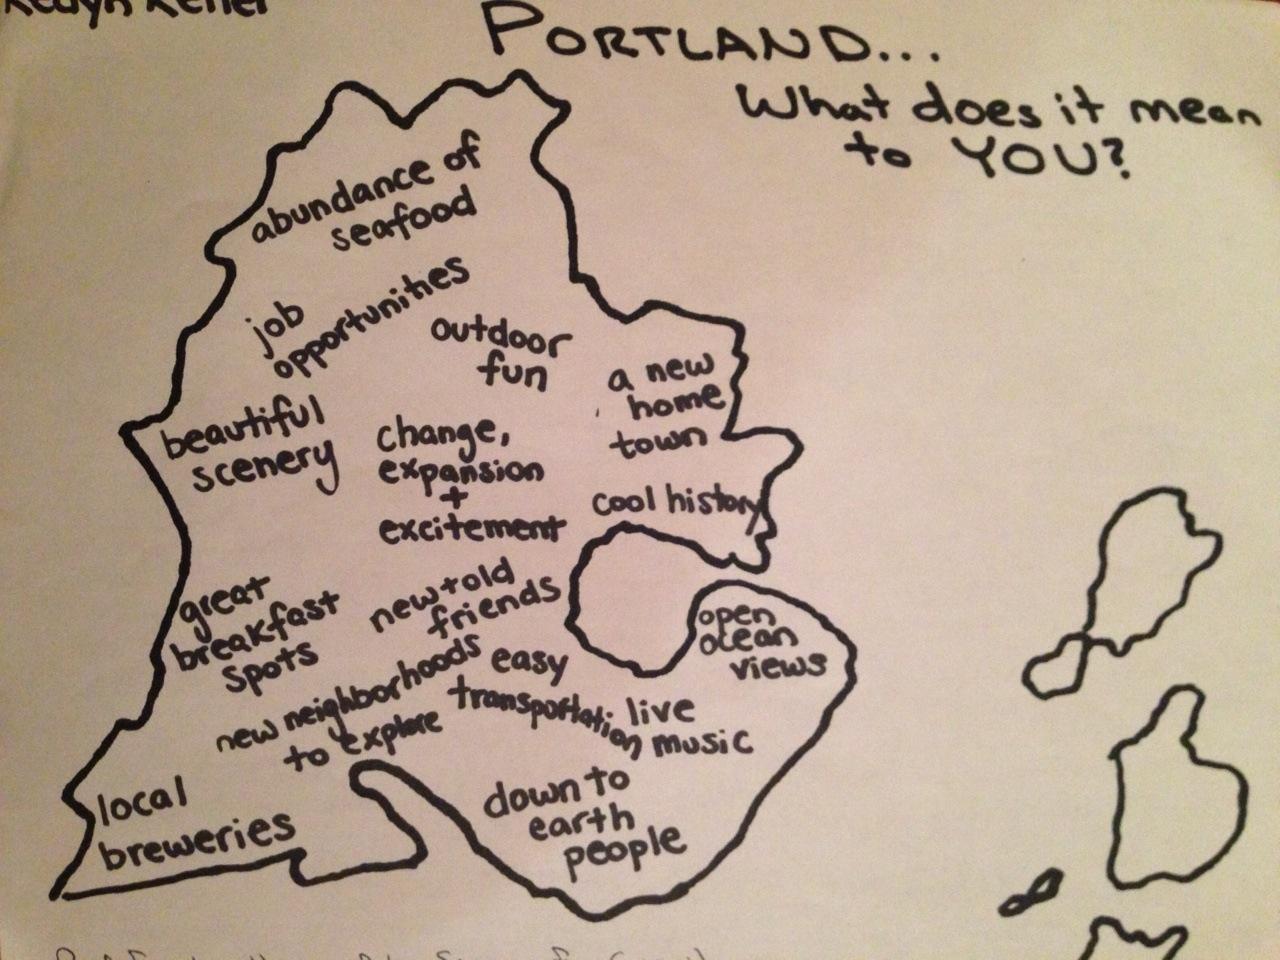 Portland1.JPG